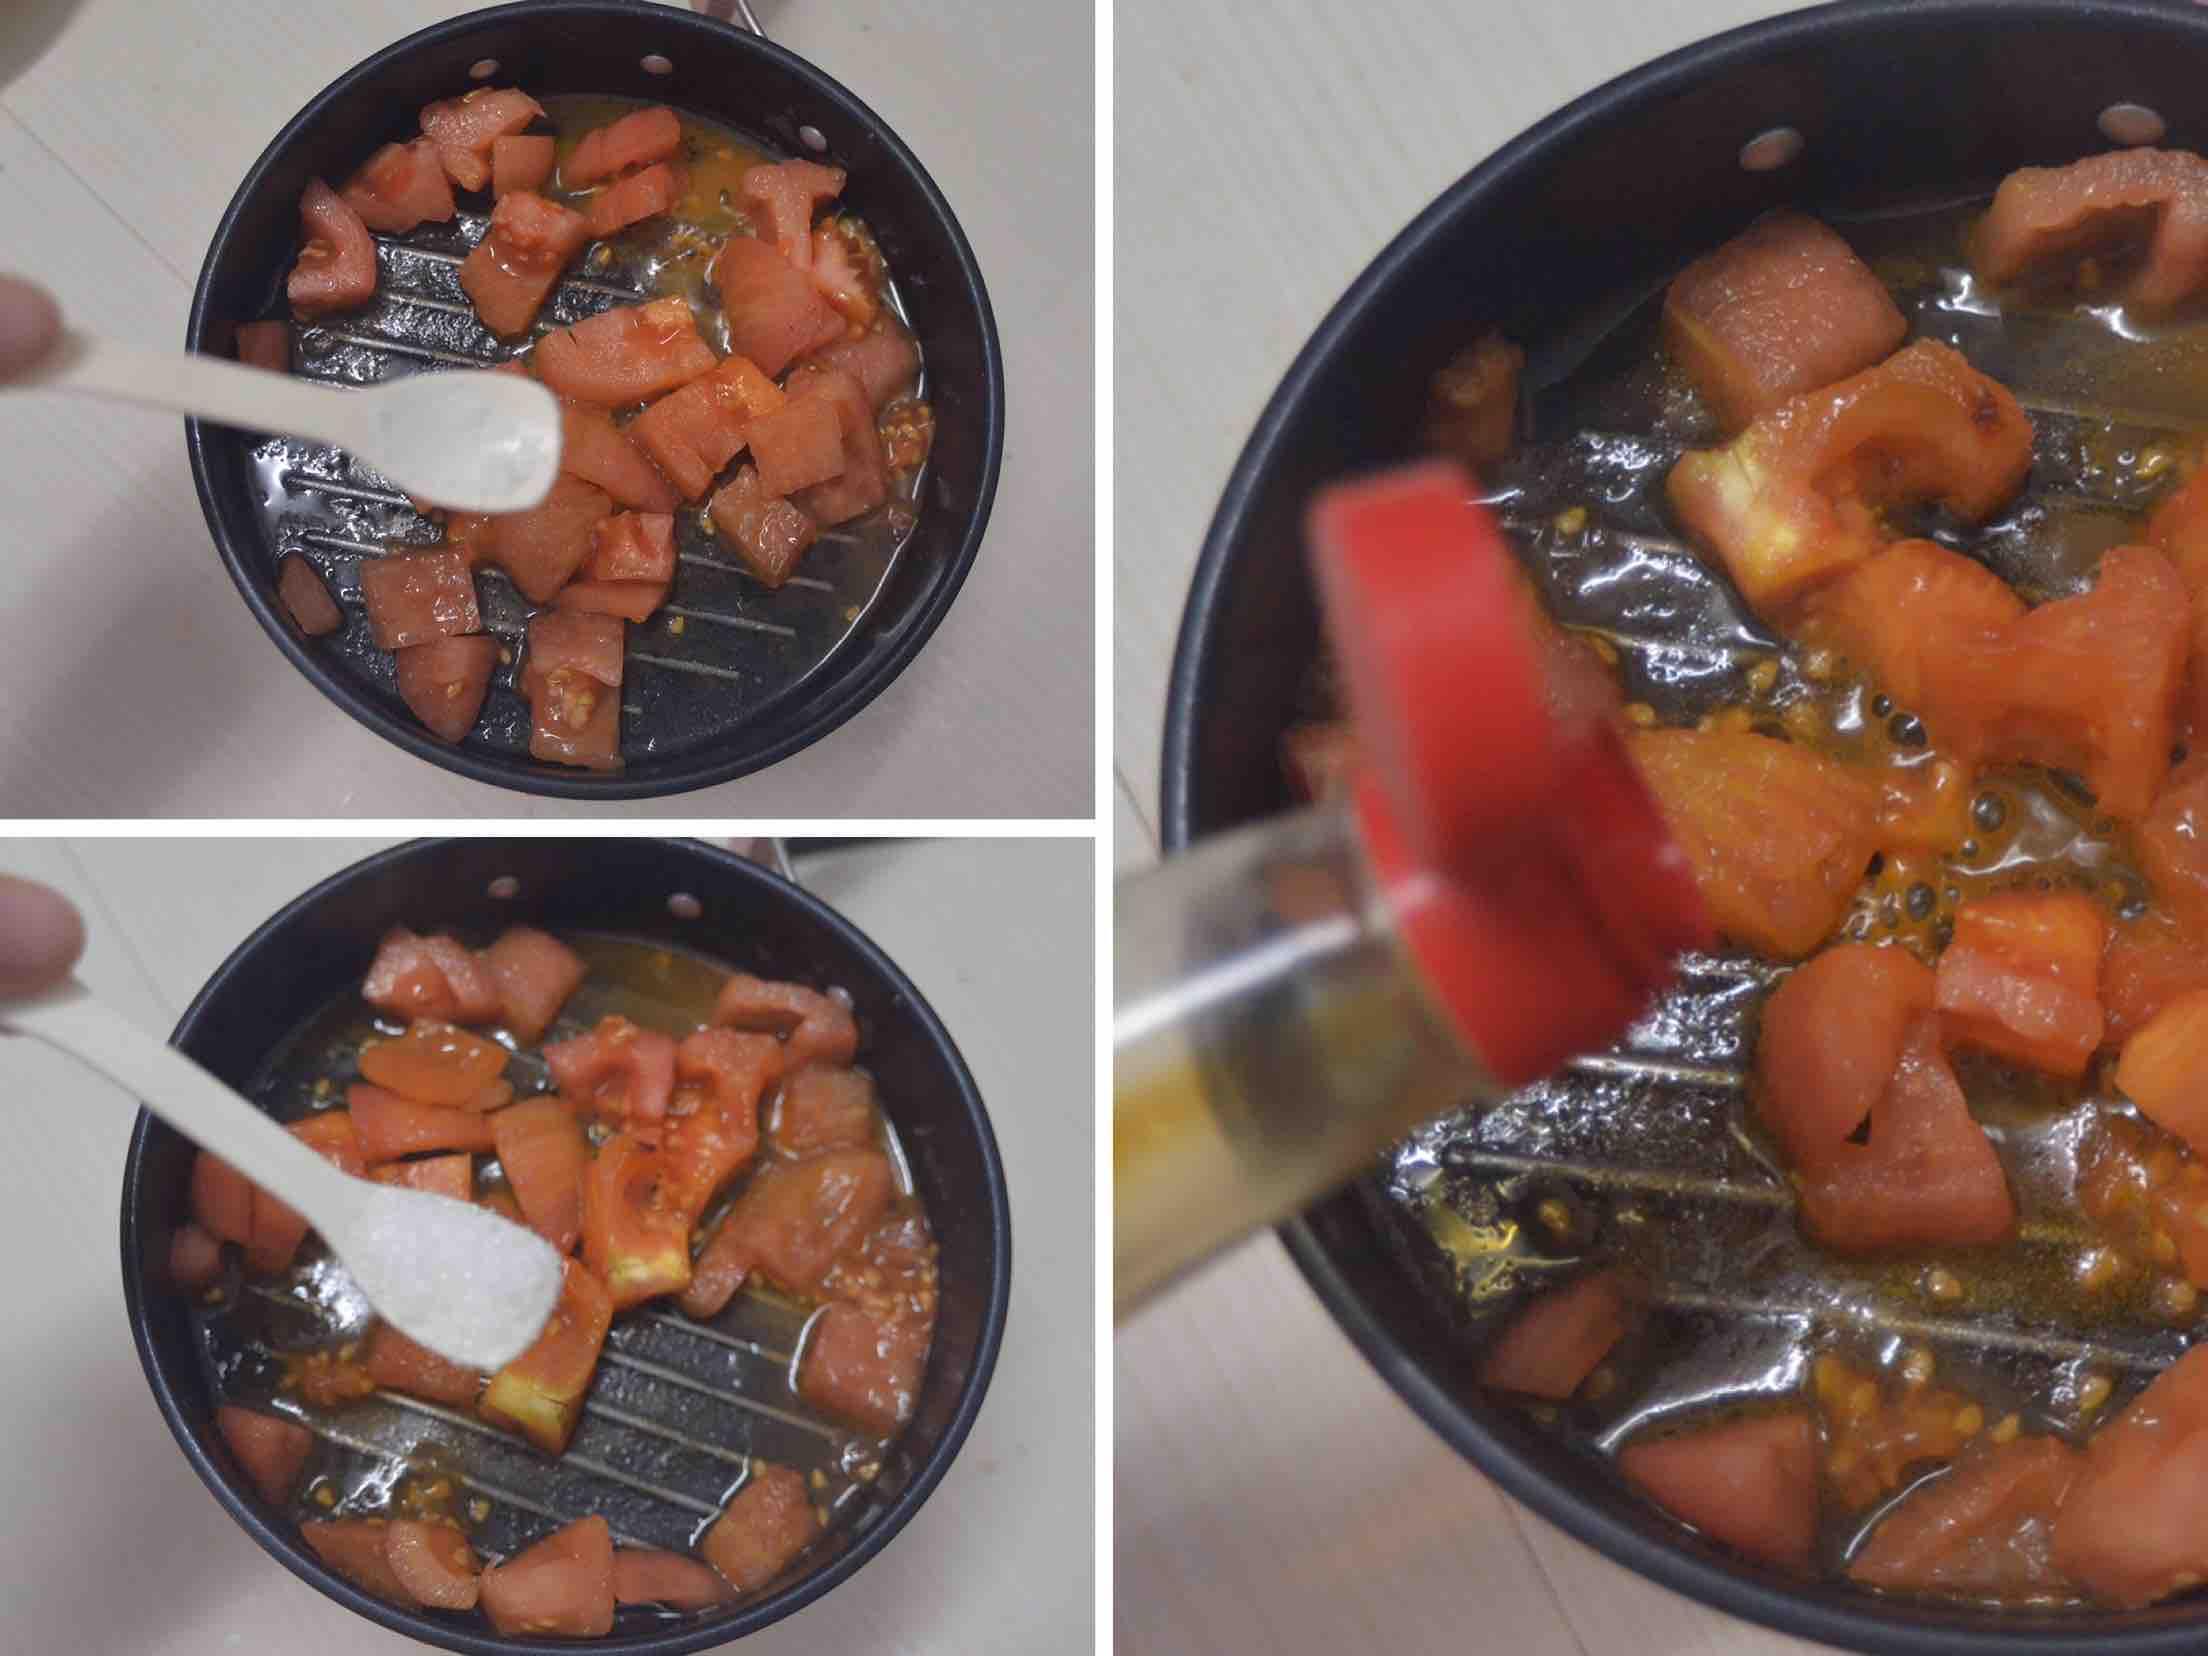 酸爽开胃 番茄豆腐鸡蛋羹的简单做法